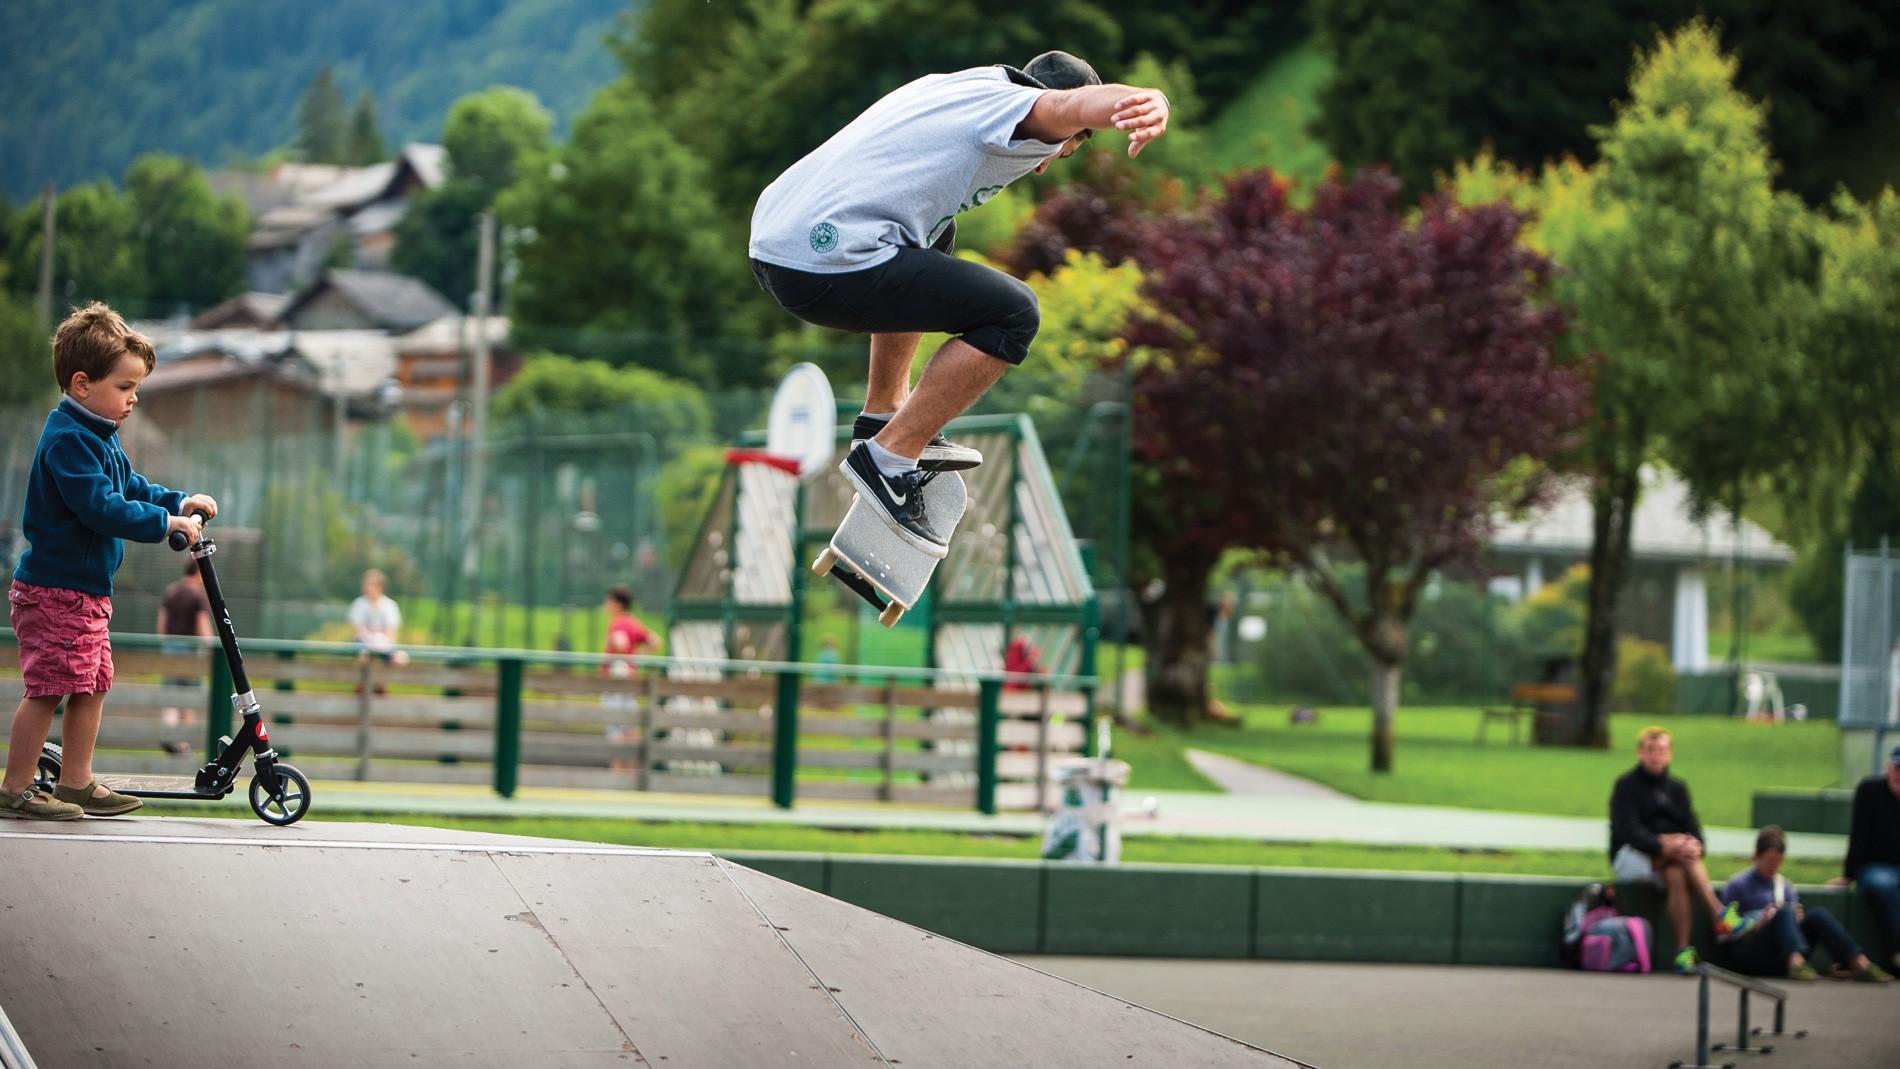 parc-des-dereches-morzine-skatepark